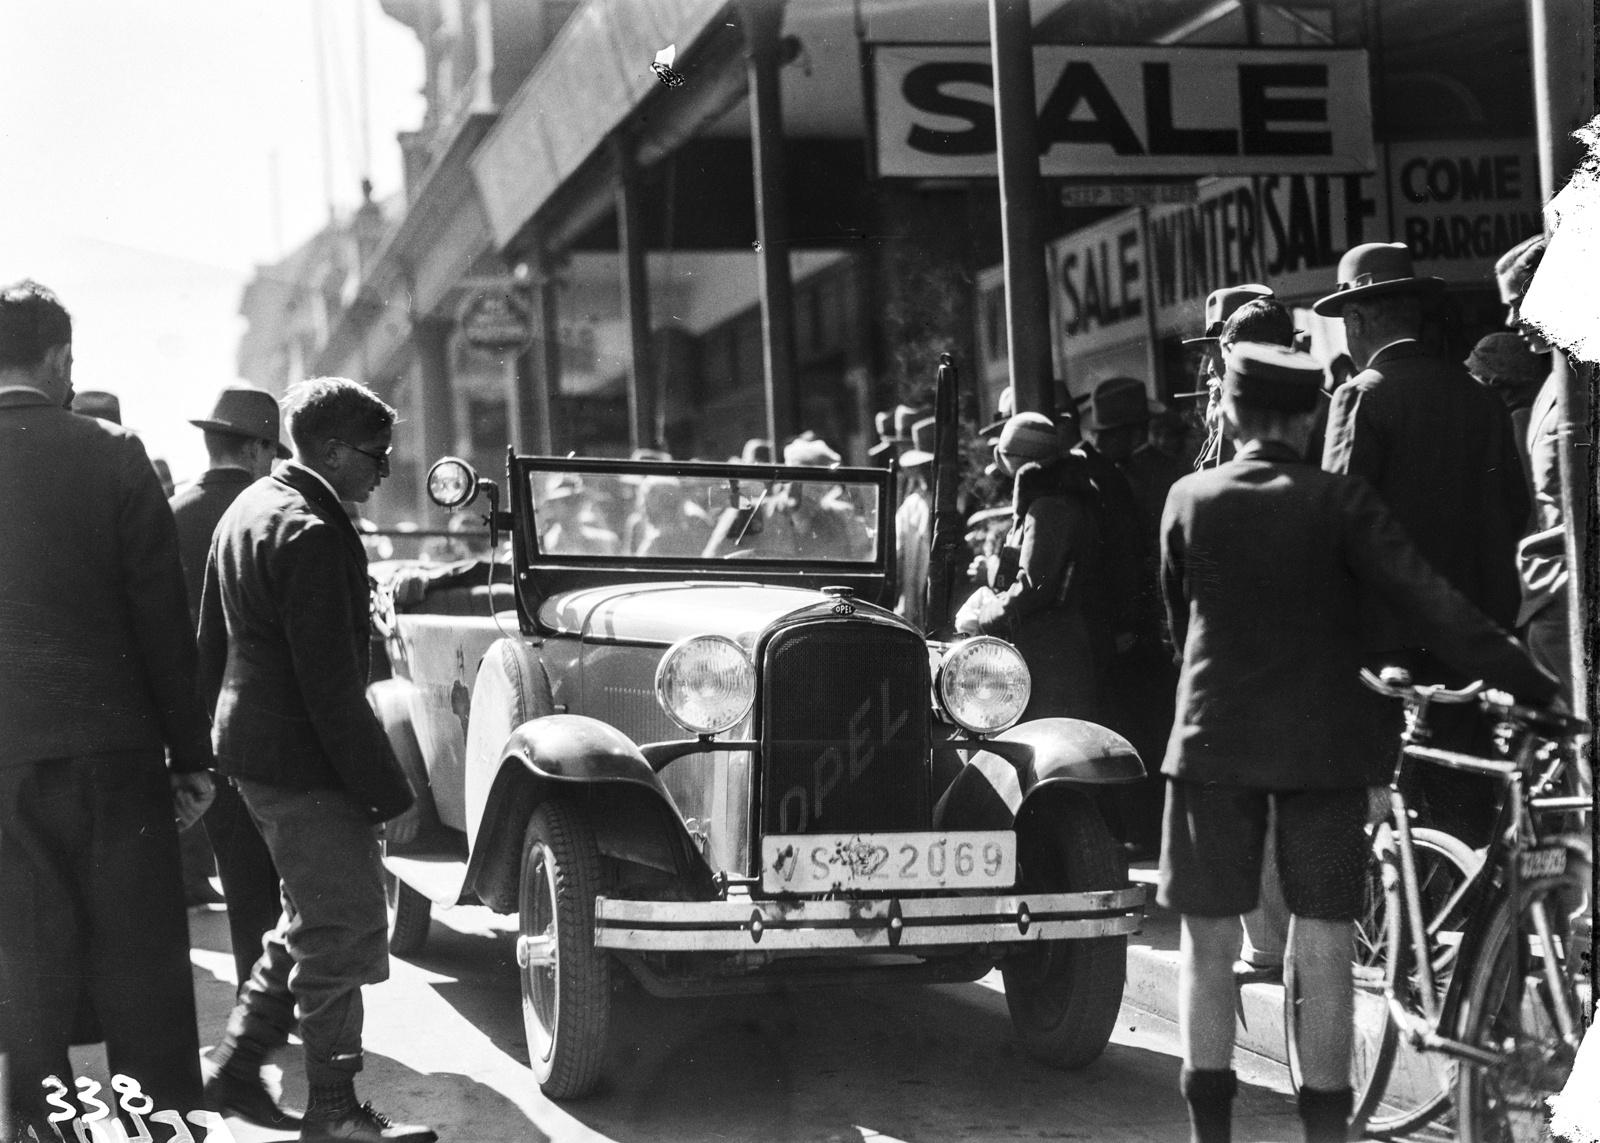 Южно-Африканский Союз. Йоханнесбург. Экспедиционный автомобиль на оживленной улице